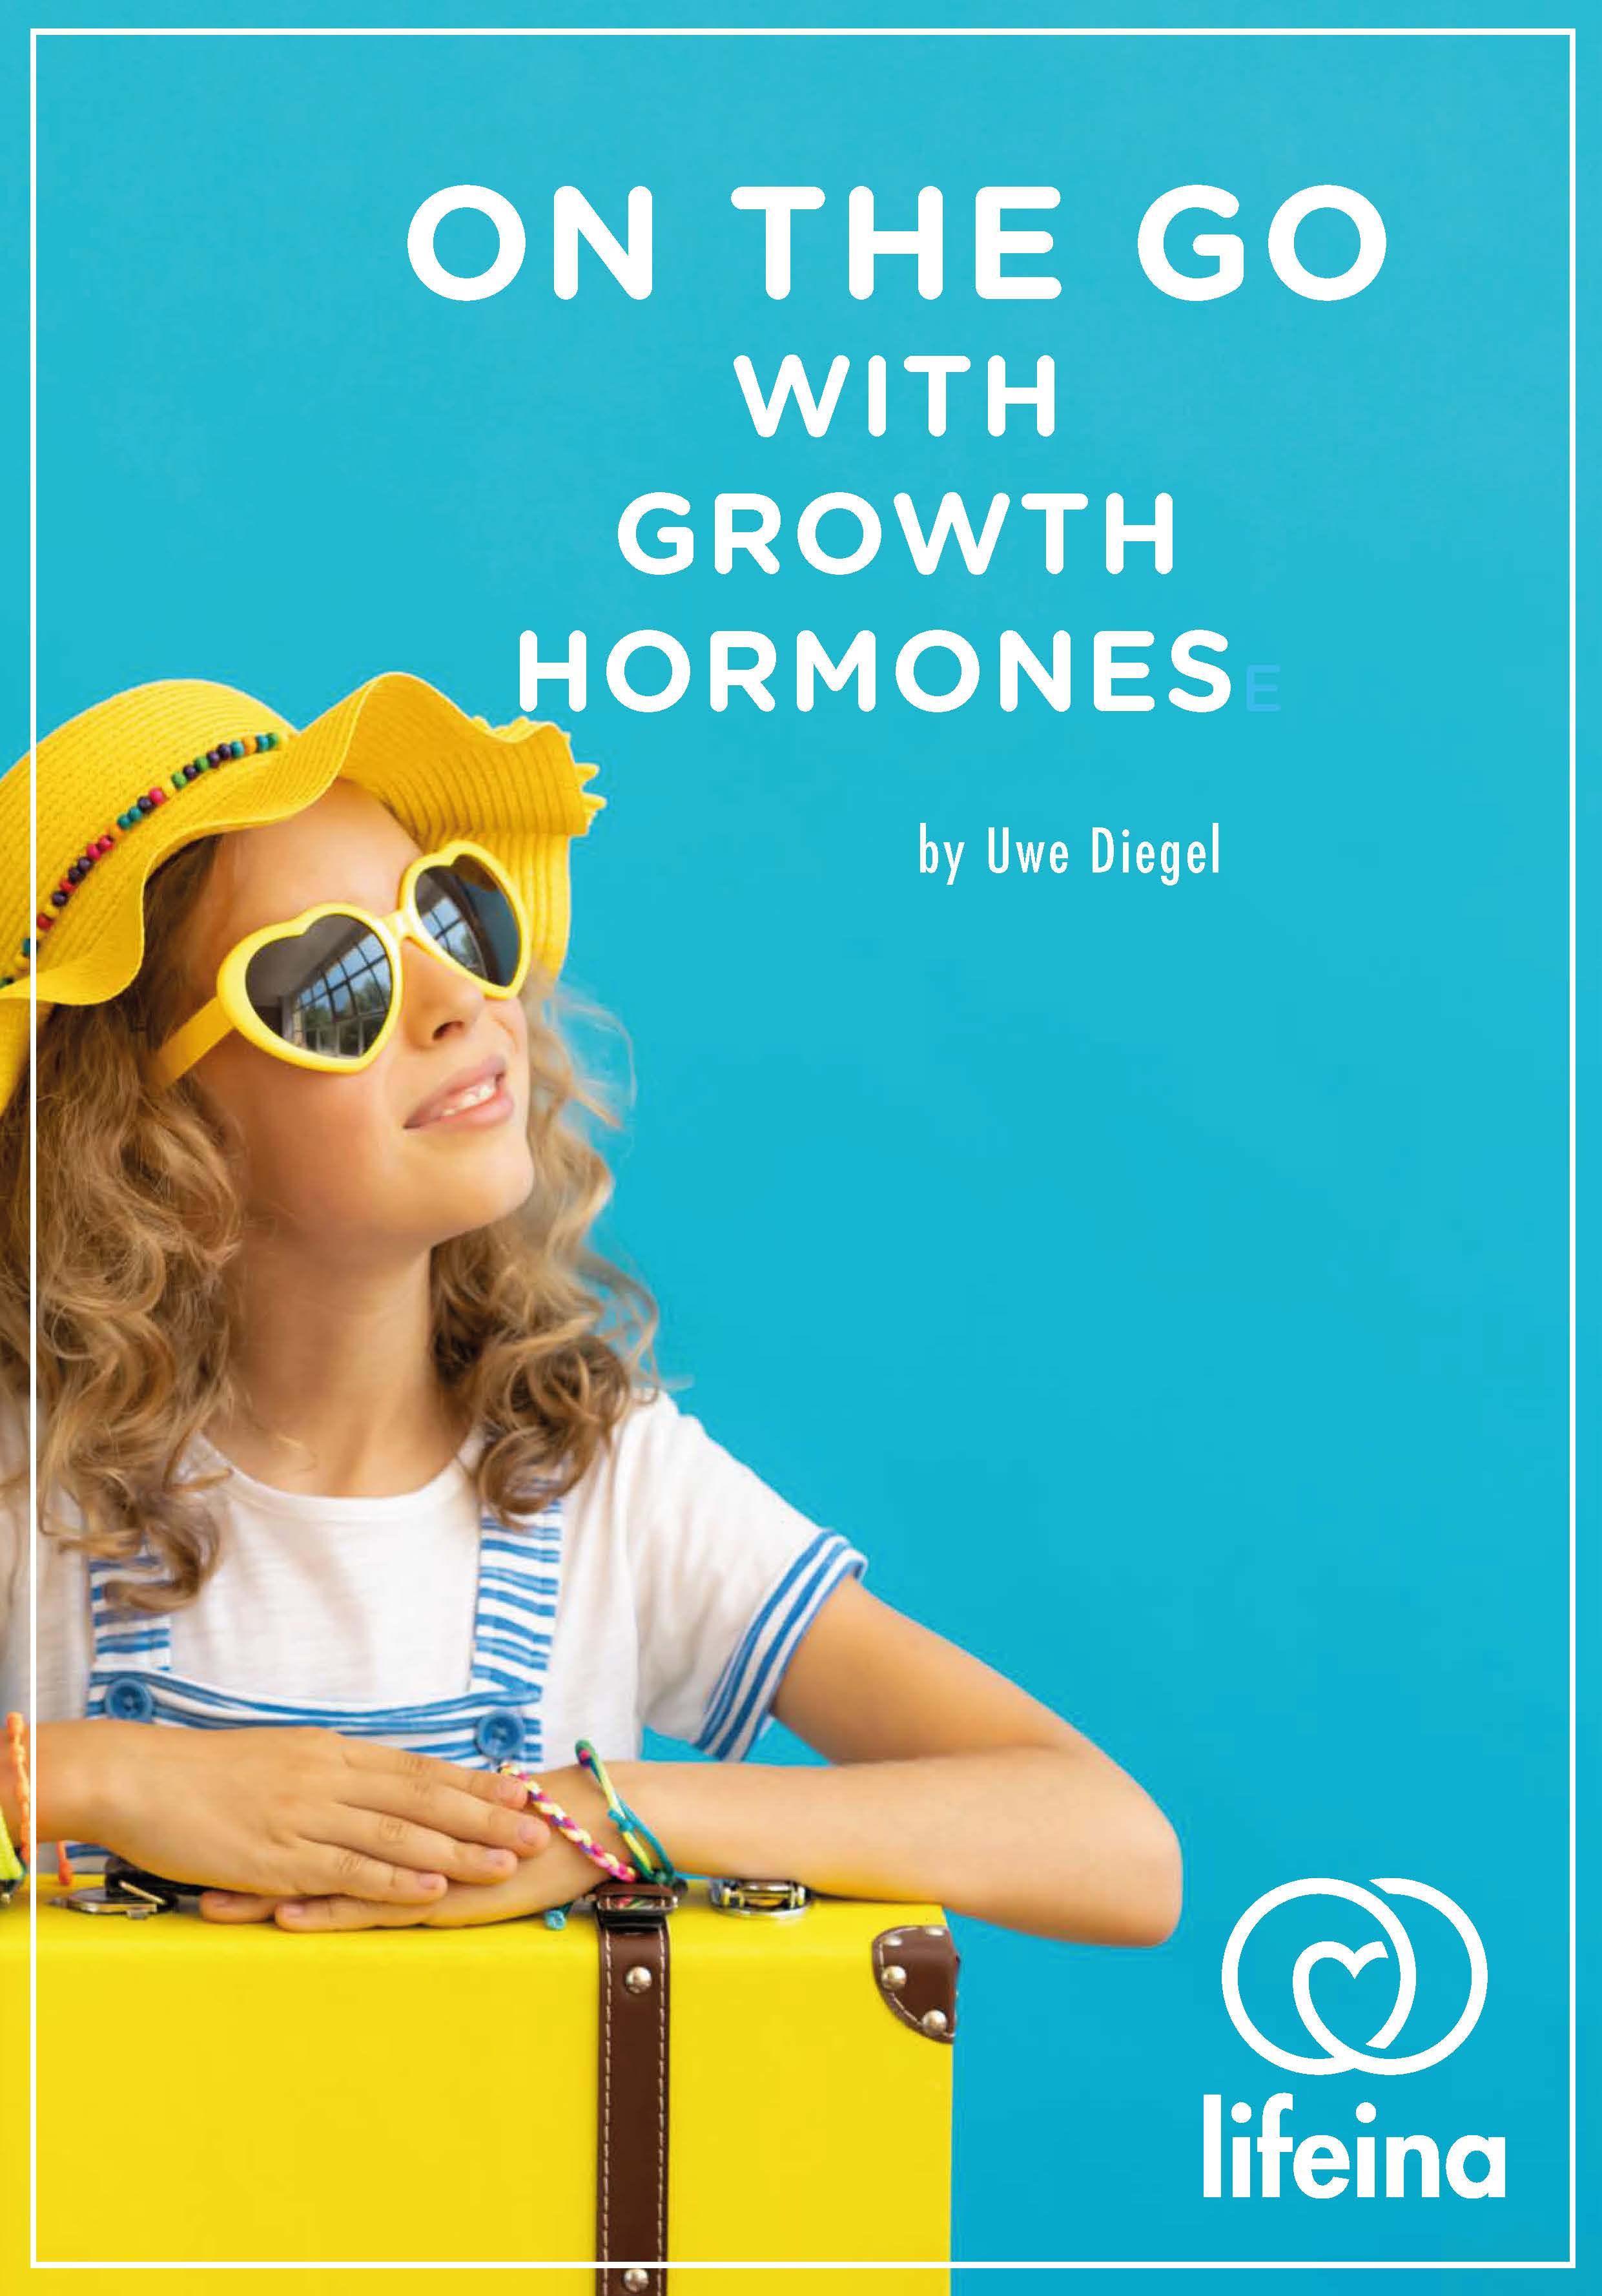 Hormones_FR_Page_01.jpg